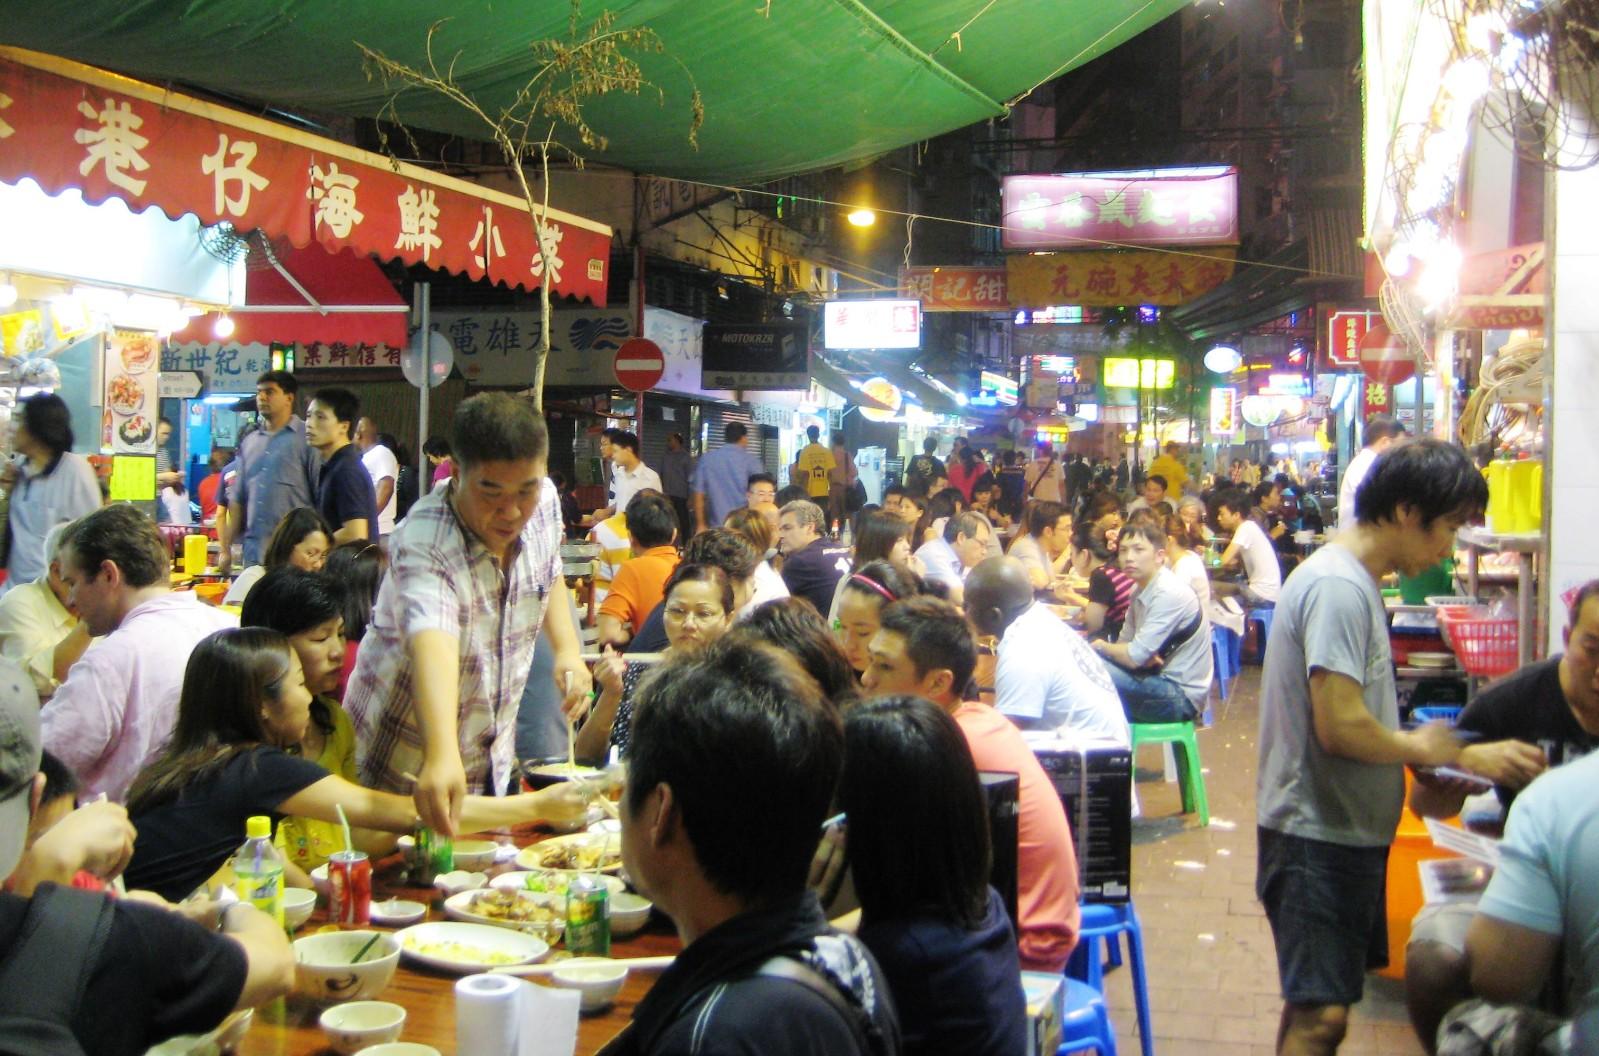 2.庙街夜市,香港离岛我这次并没有去,图片来源于网络,侵删.图片